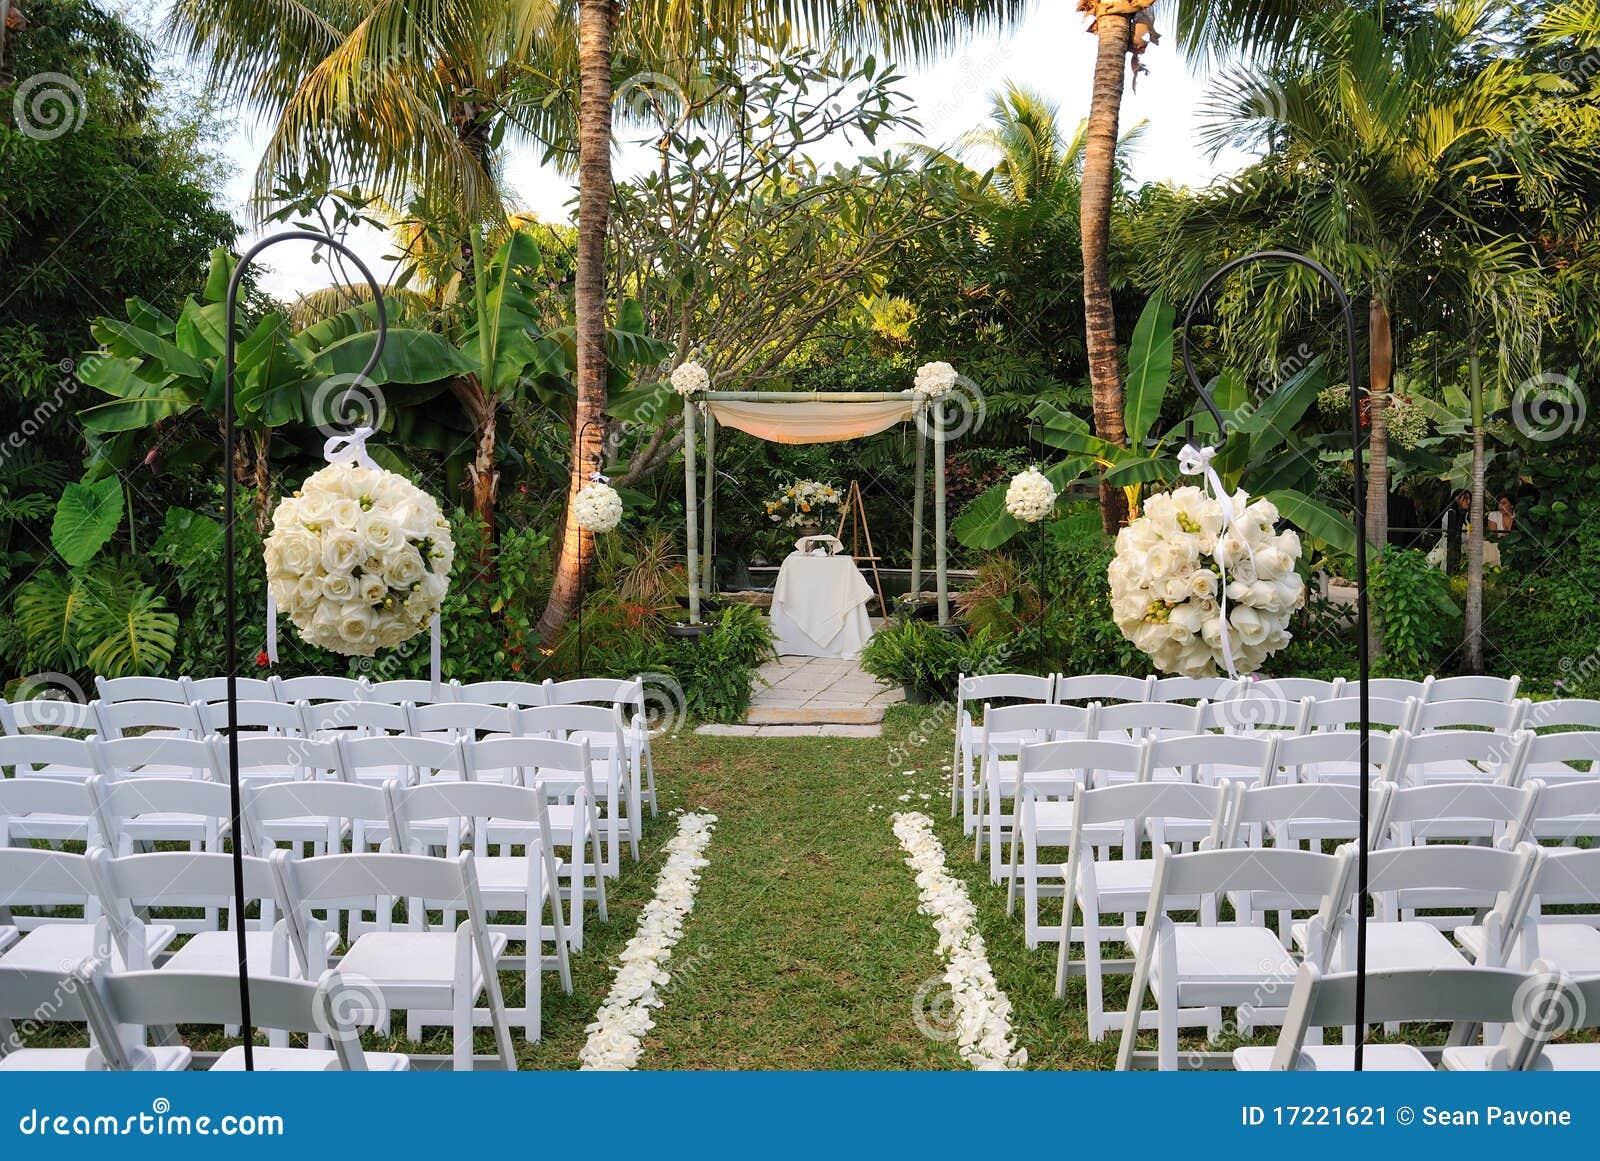 wedding-scene-17221621.jpg